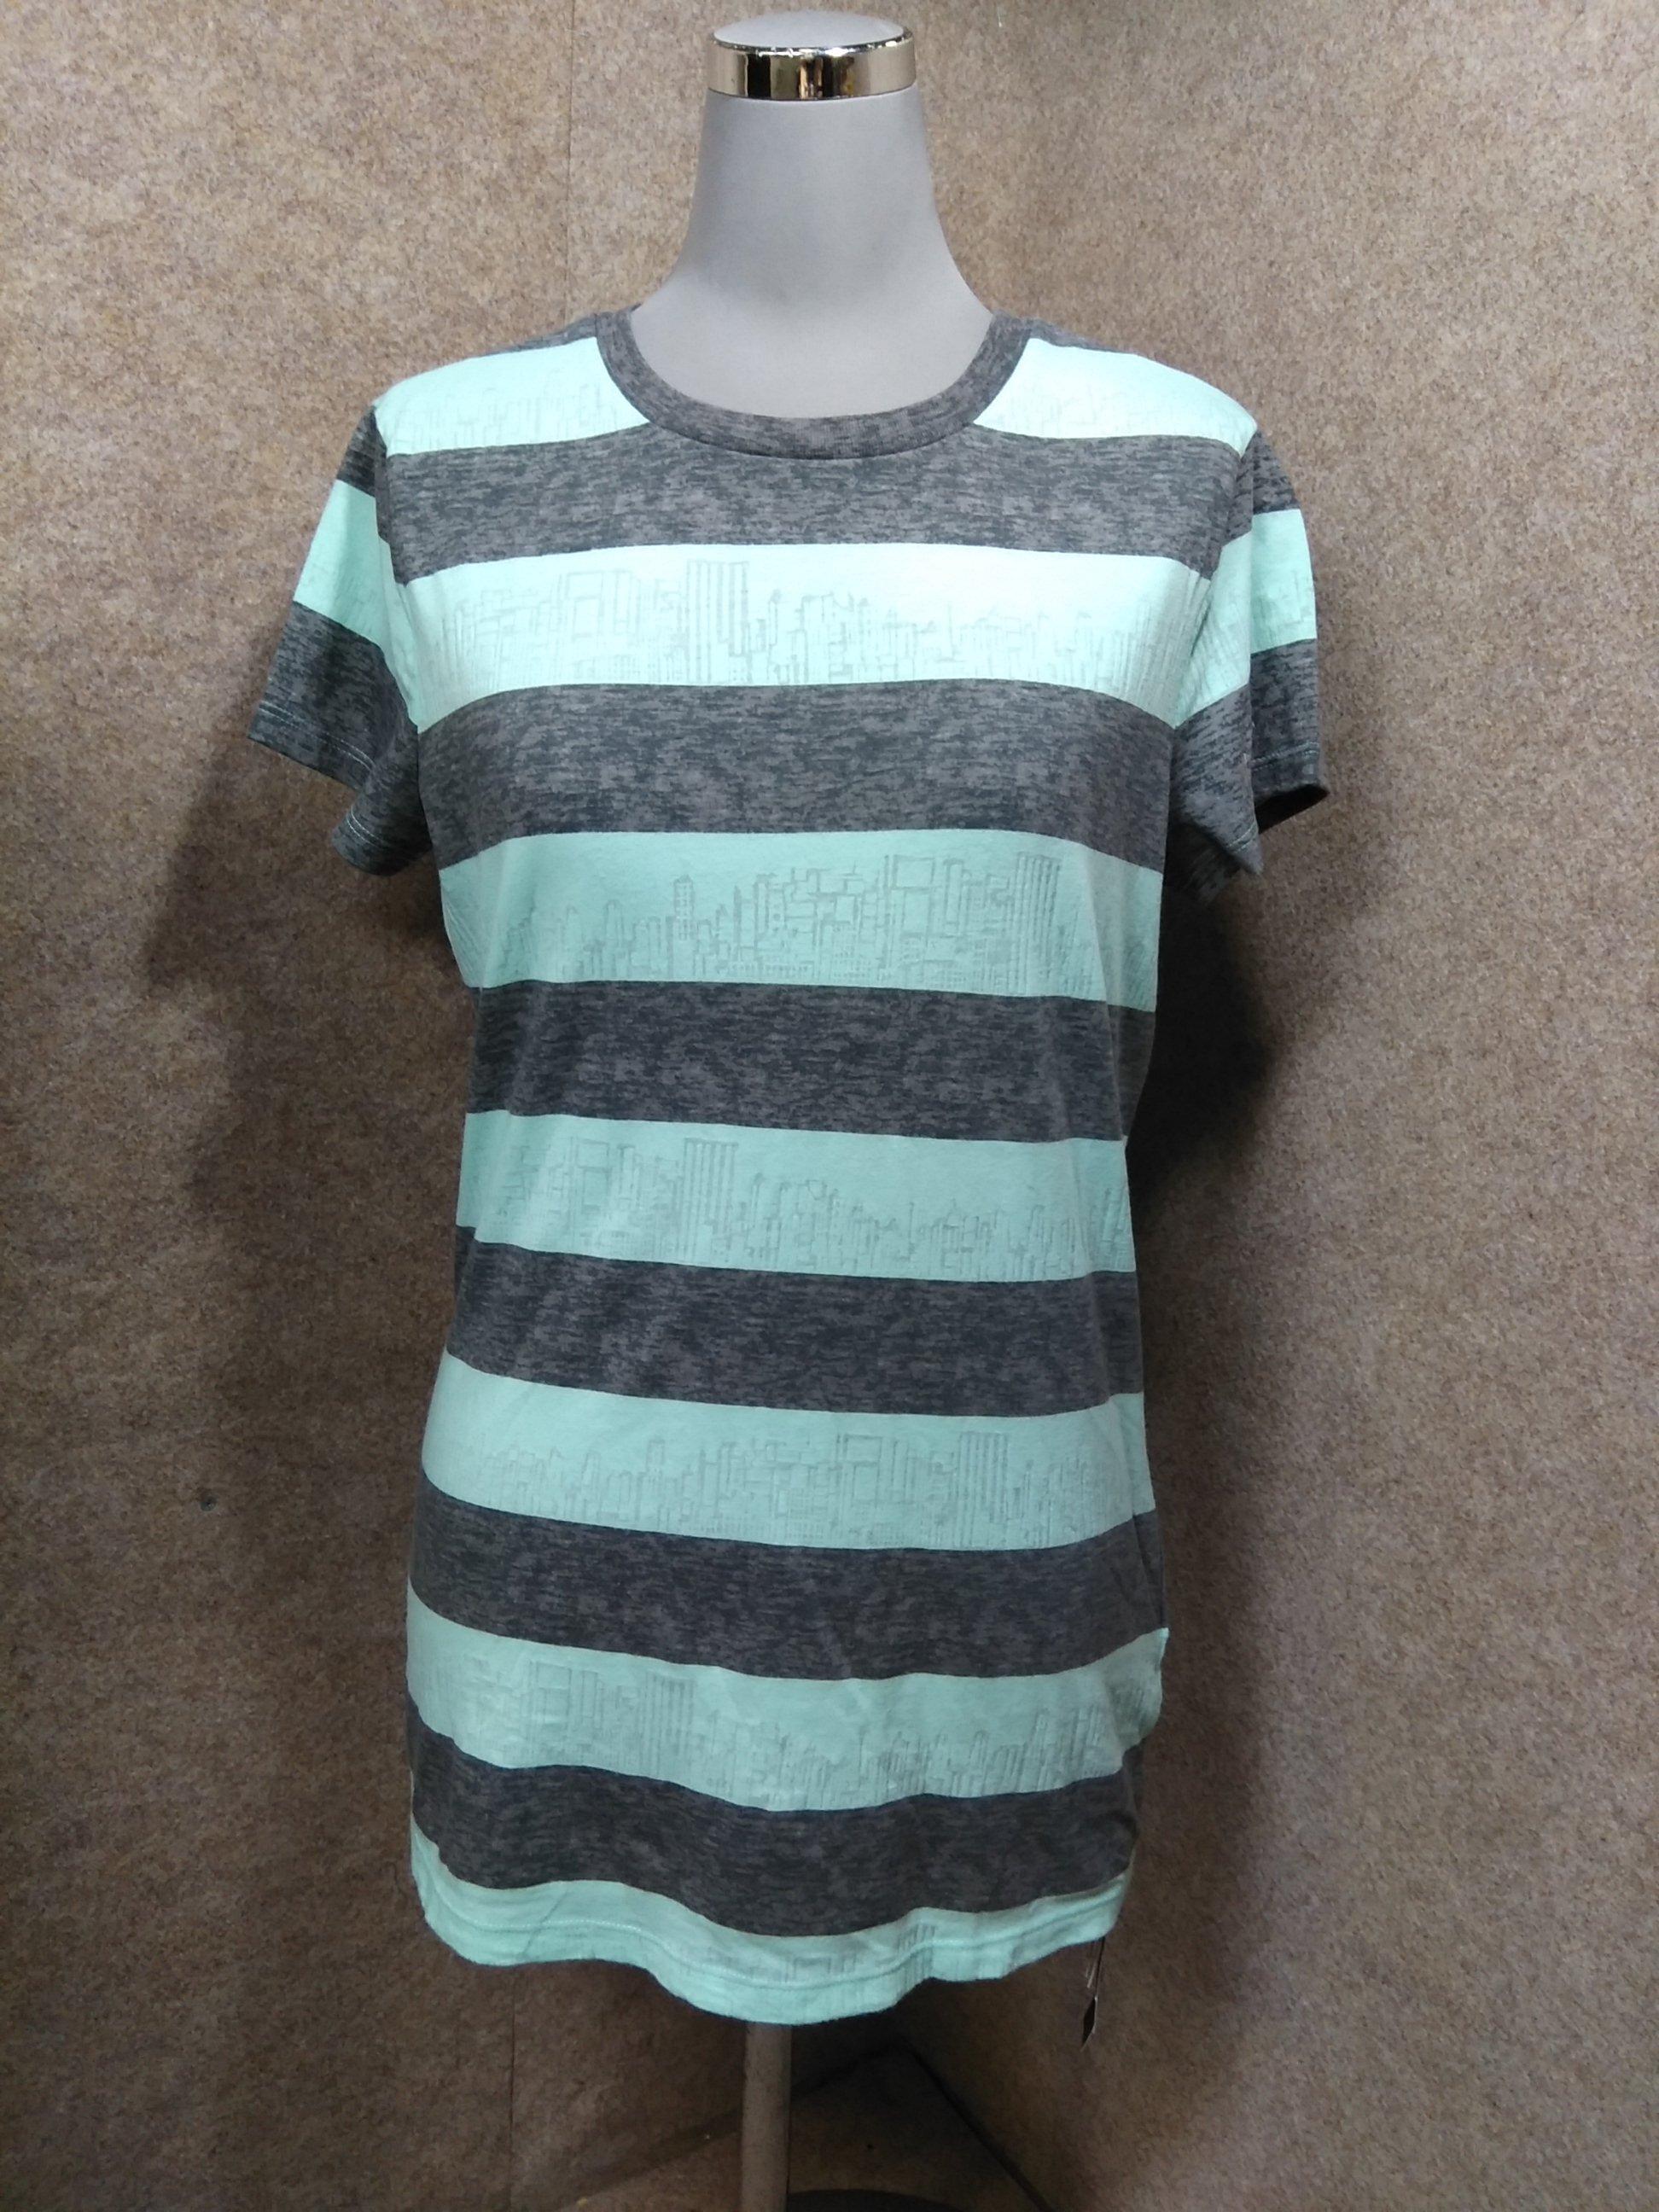 アルマーニエクスチェンジ レディース Tシャツ S グリーン系 y1085c